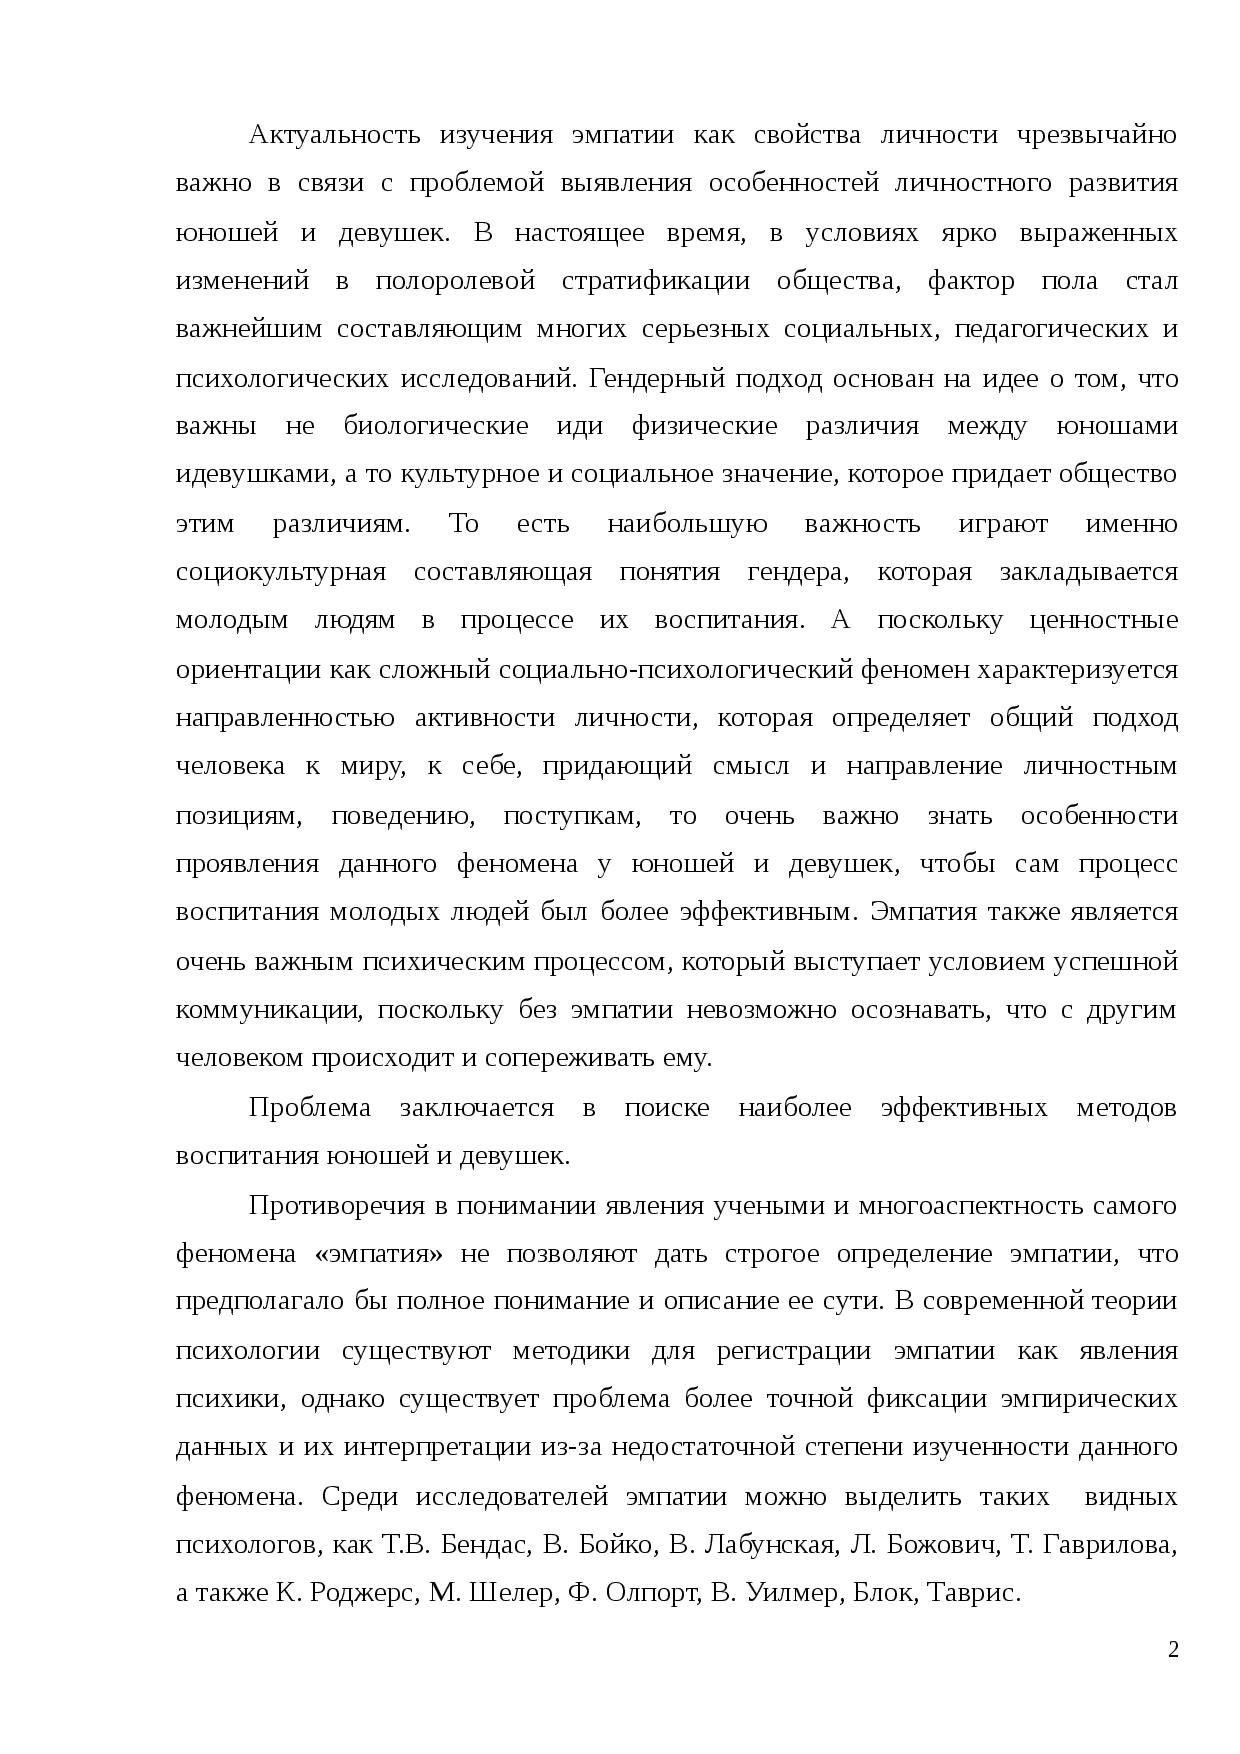 Гендерная психология. история гендерной психологии